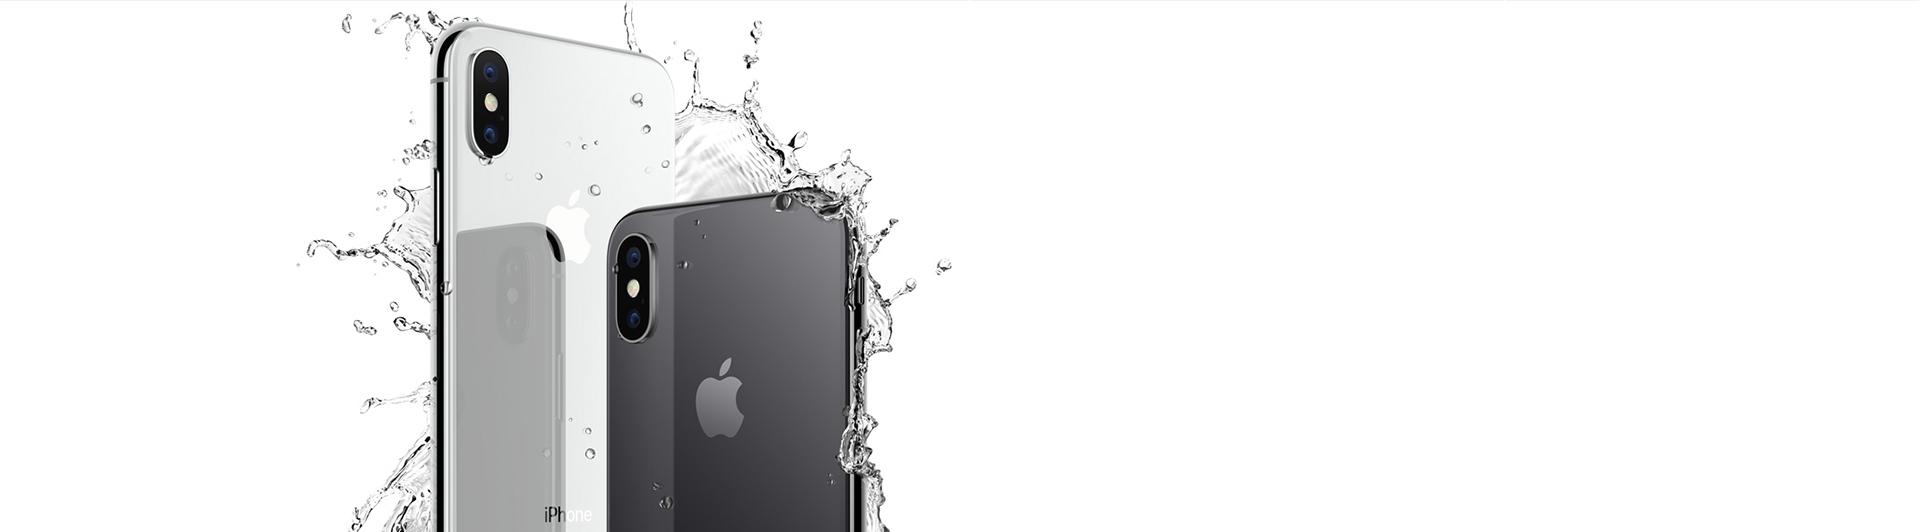 Điện thoại di động iPhone X 256GB Silver màn hình OLED 5.8 inch siêu nét